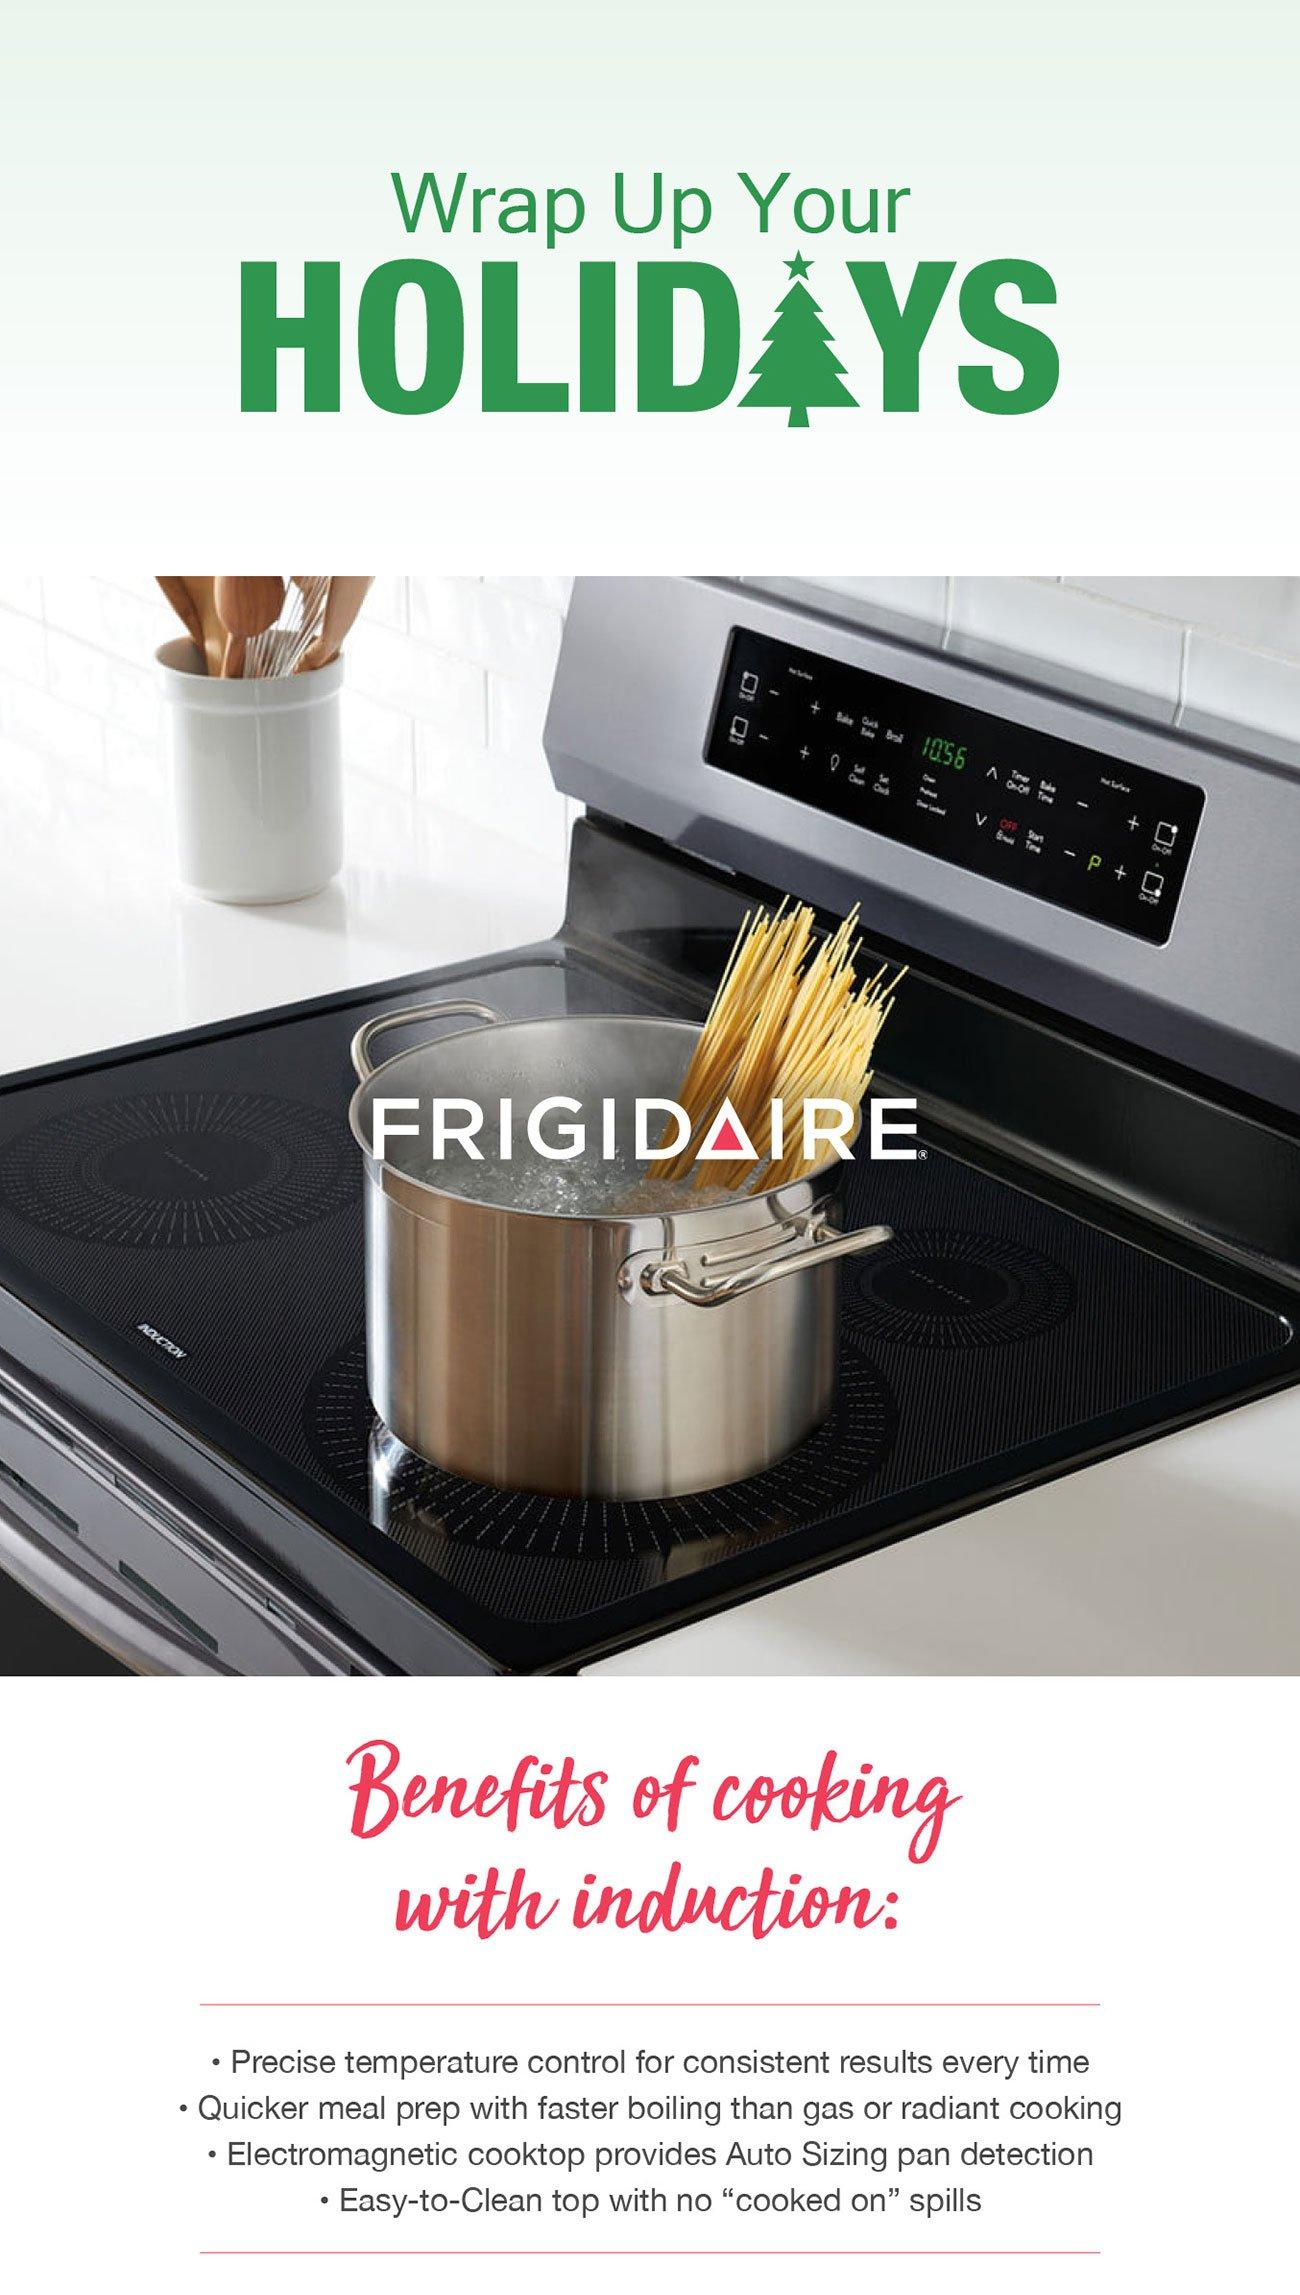 Frigidaire-induction